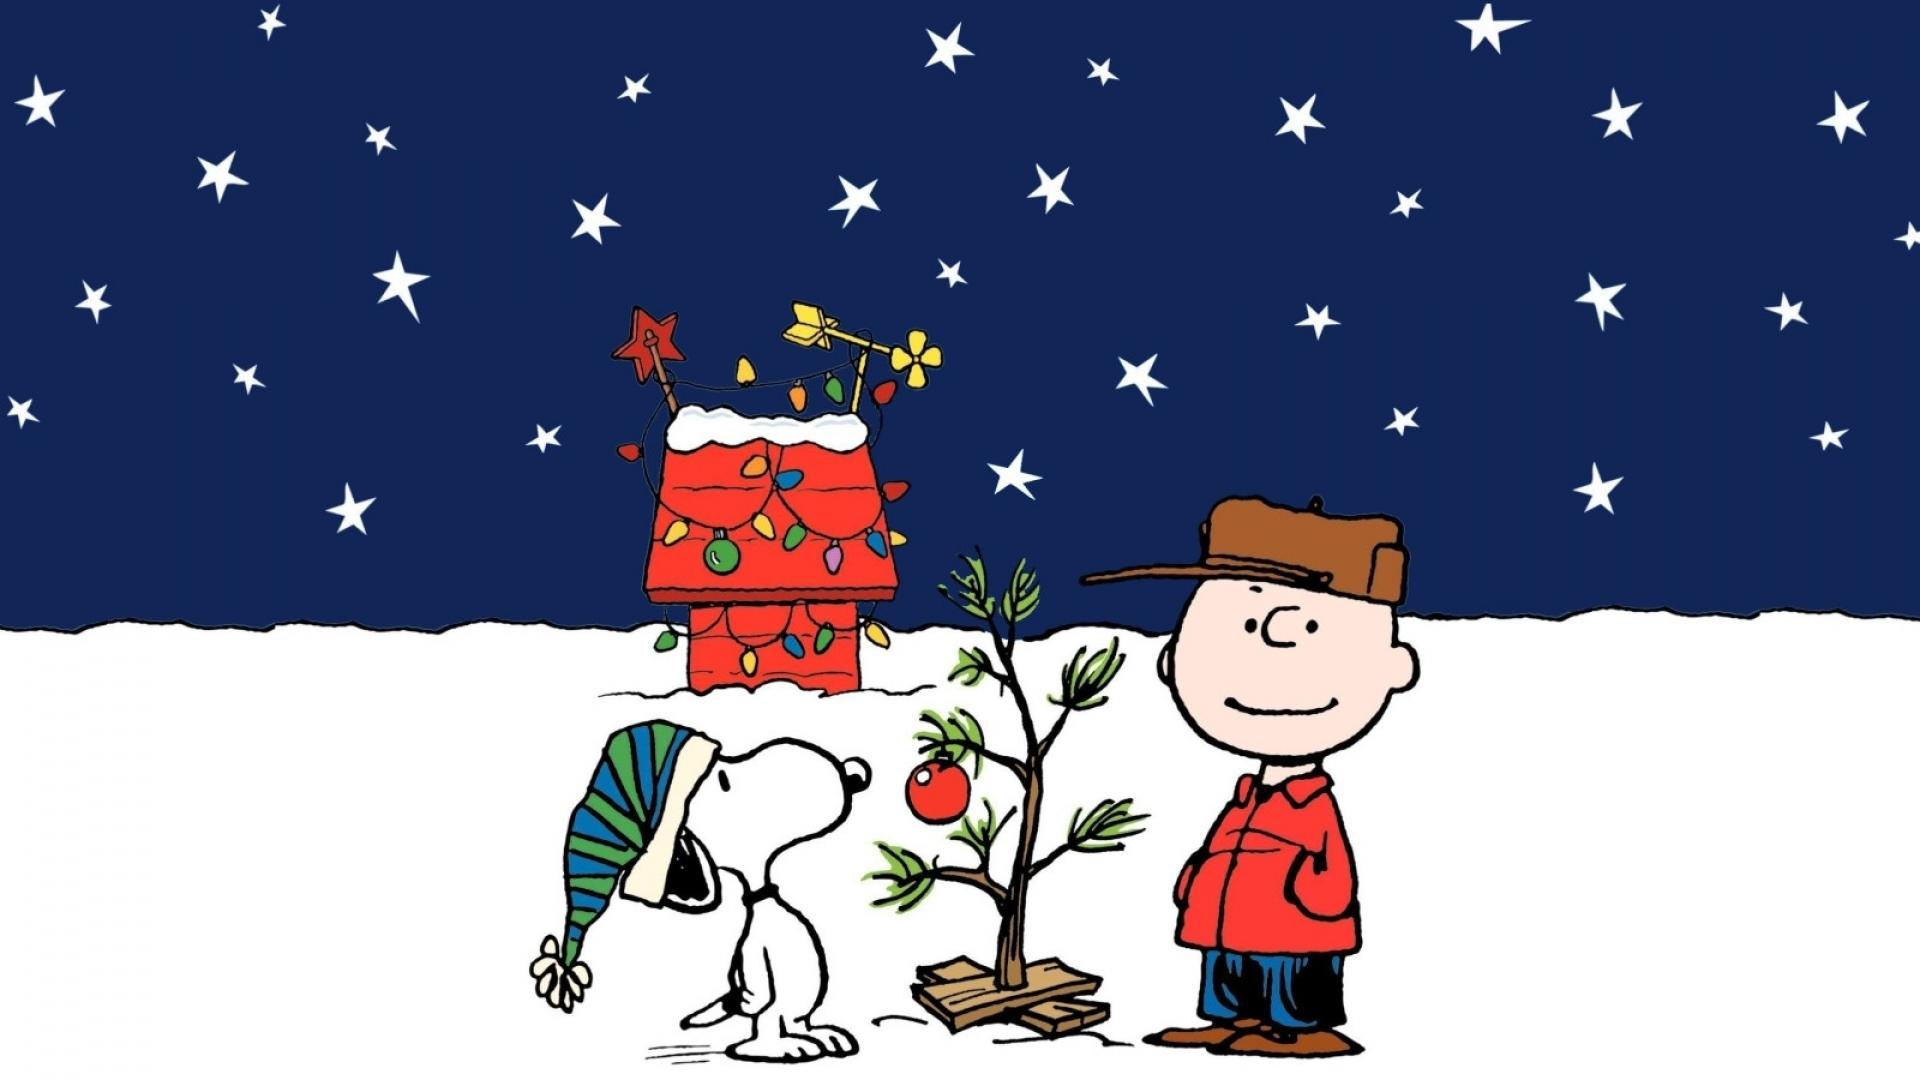 Free Peanuts Christmas Desktop Wallpaper Wallpapersafari